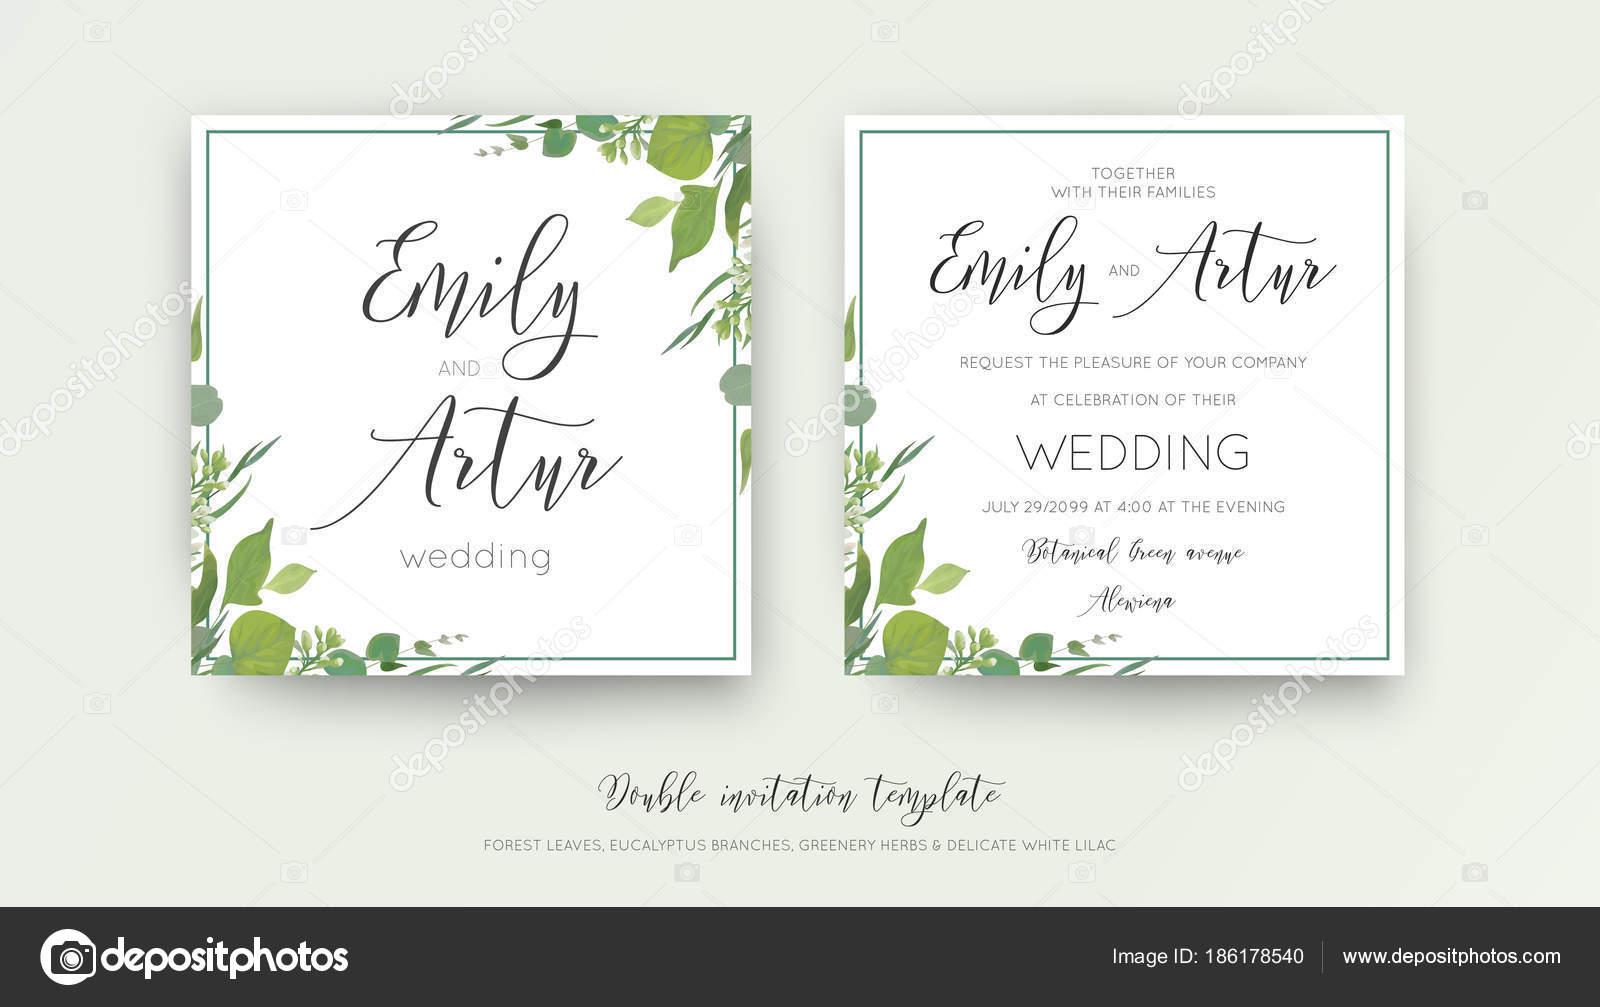 Hochzeit Blumen Aquarell Stil Doppel Einladen, Einladung, Speichern Das  Datum Kartendesign Mit Wald Grün, Kräuter, Blätter, Eukalyptus Zweige, Weiß  Lila ...